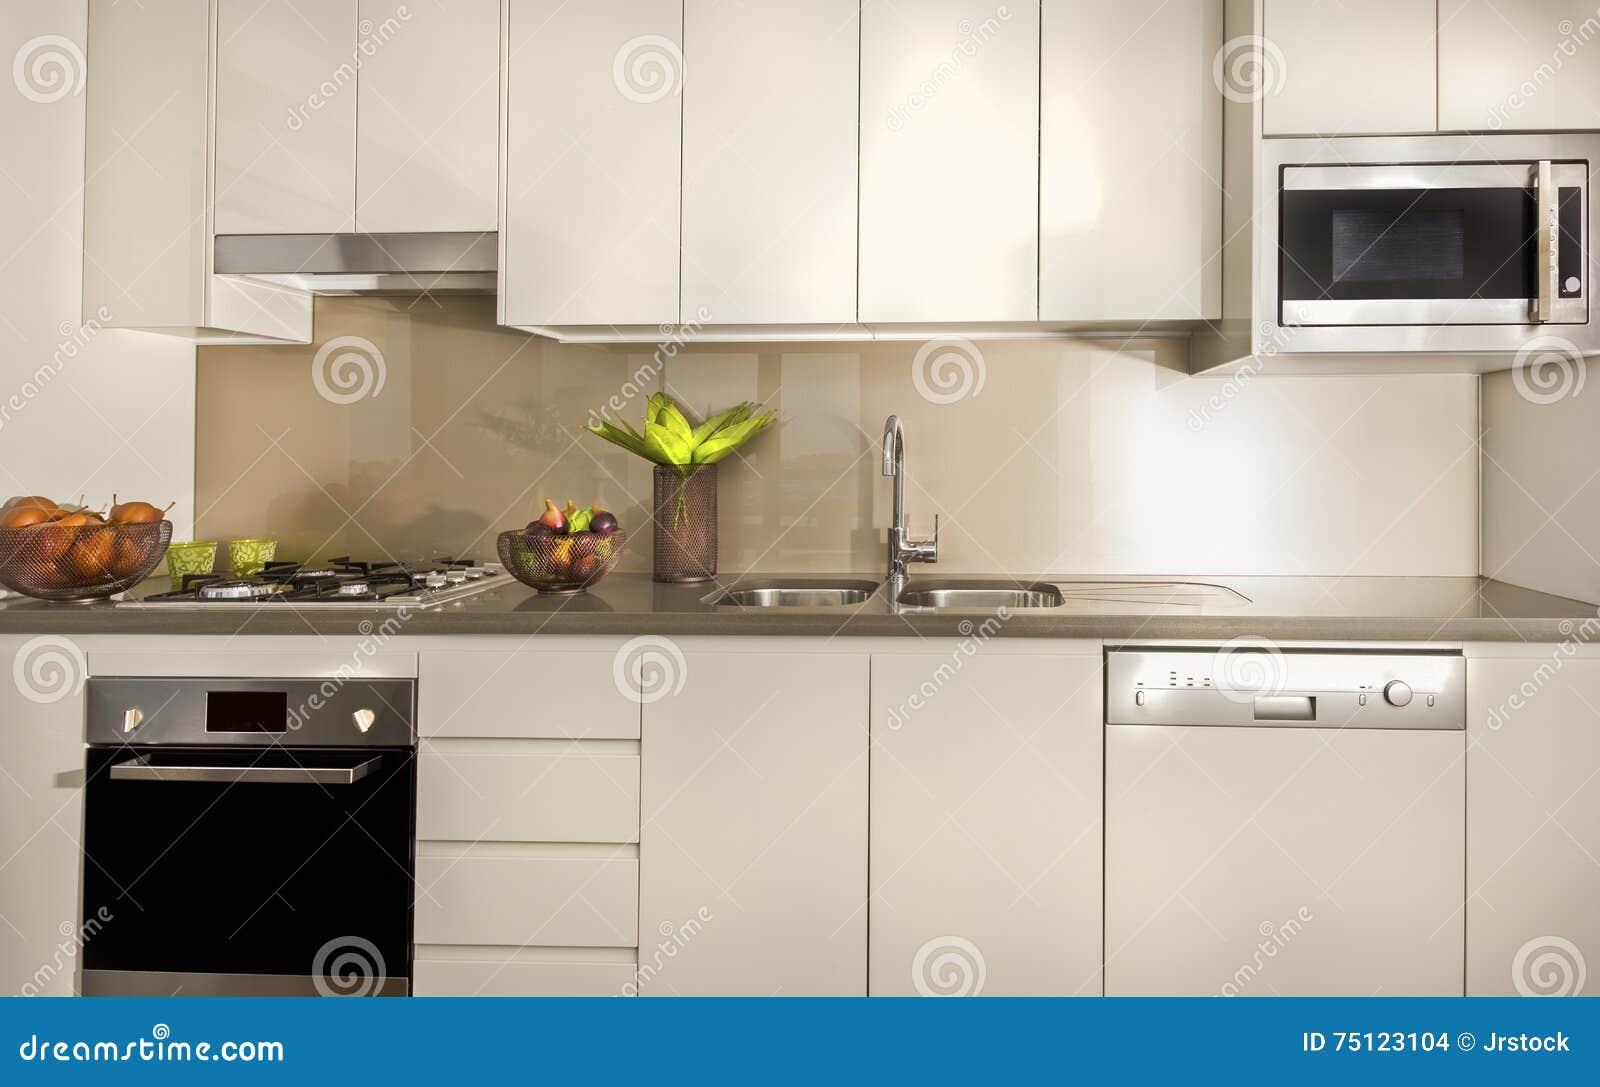 Modernt kök med skafferiskåp och räknareöverkanten